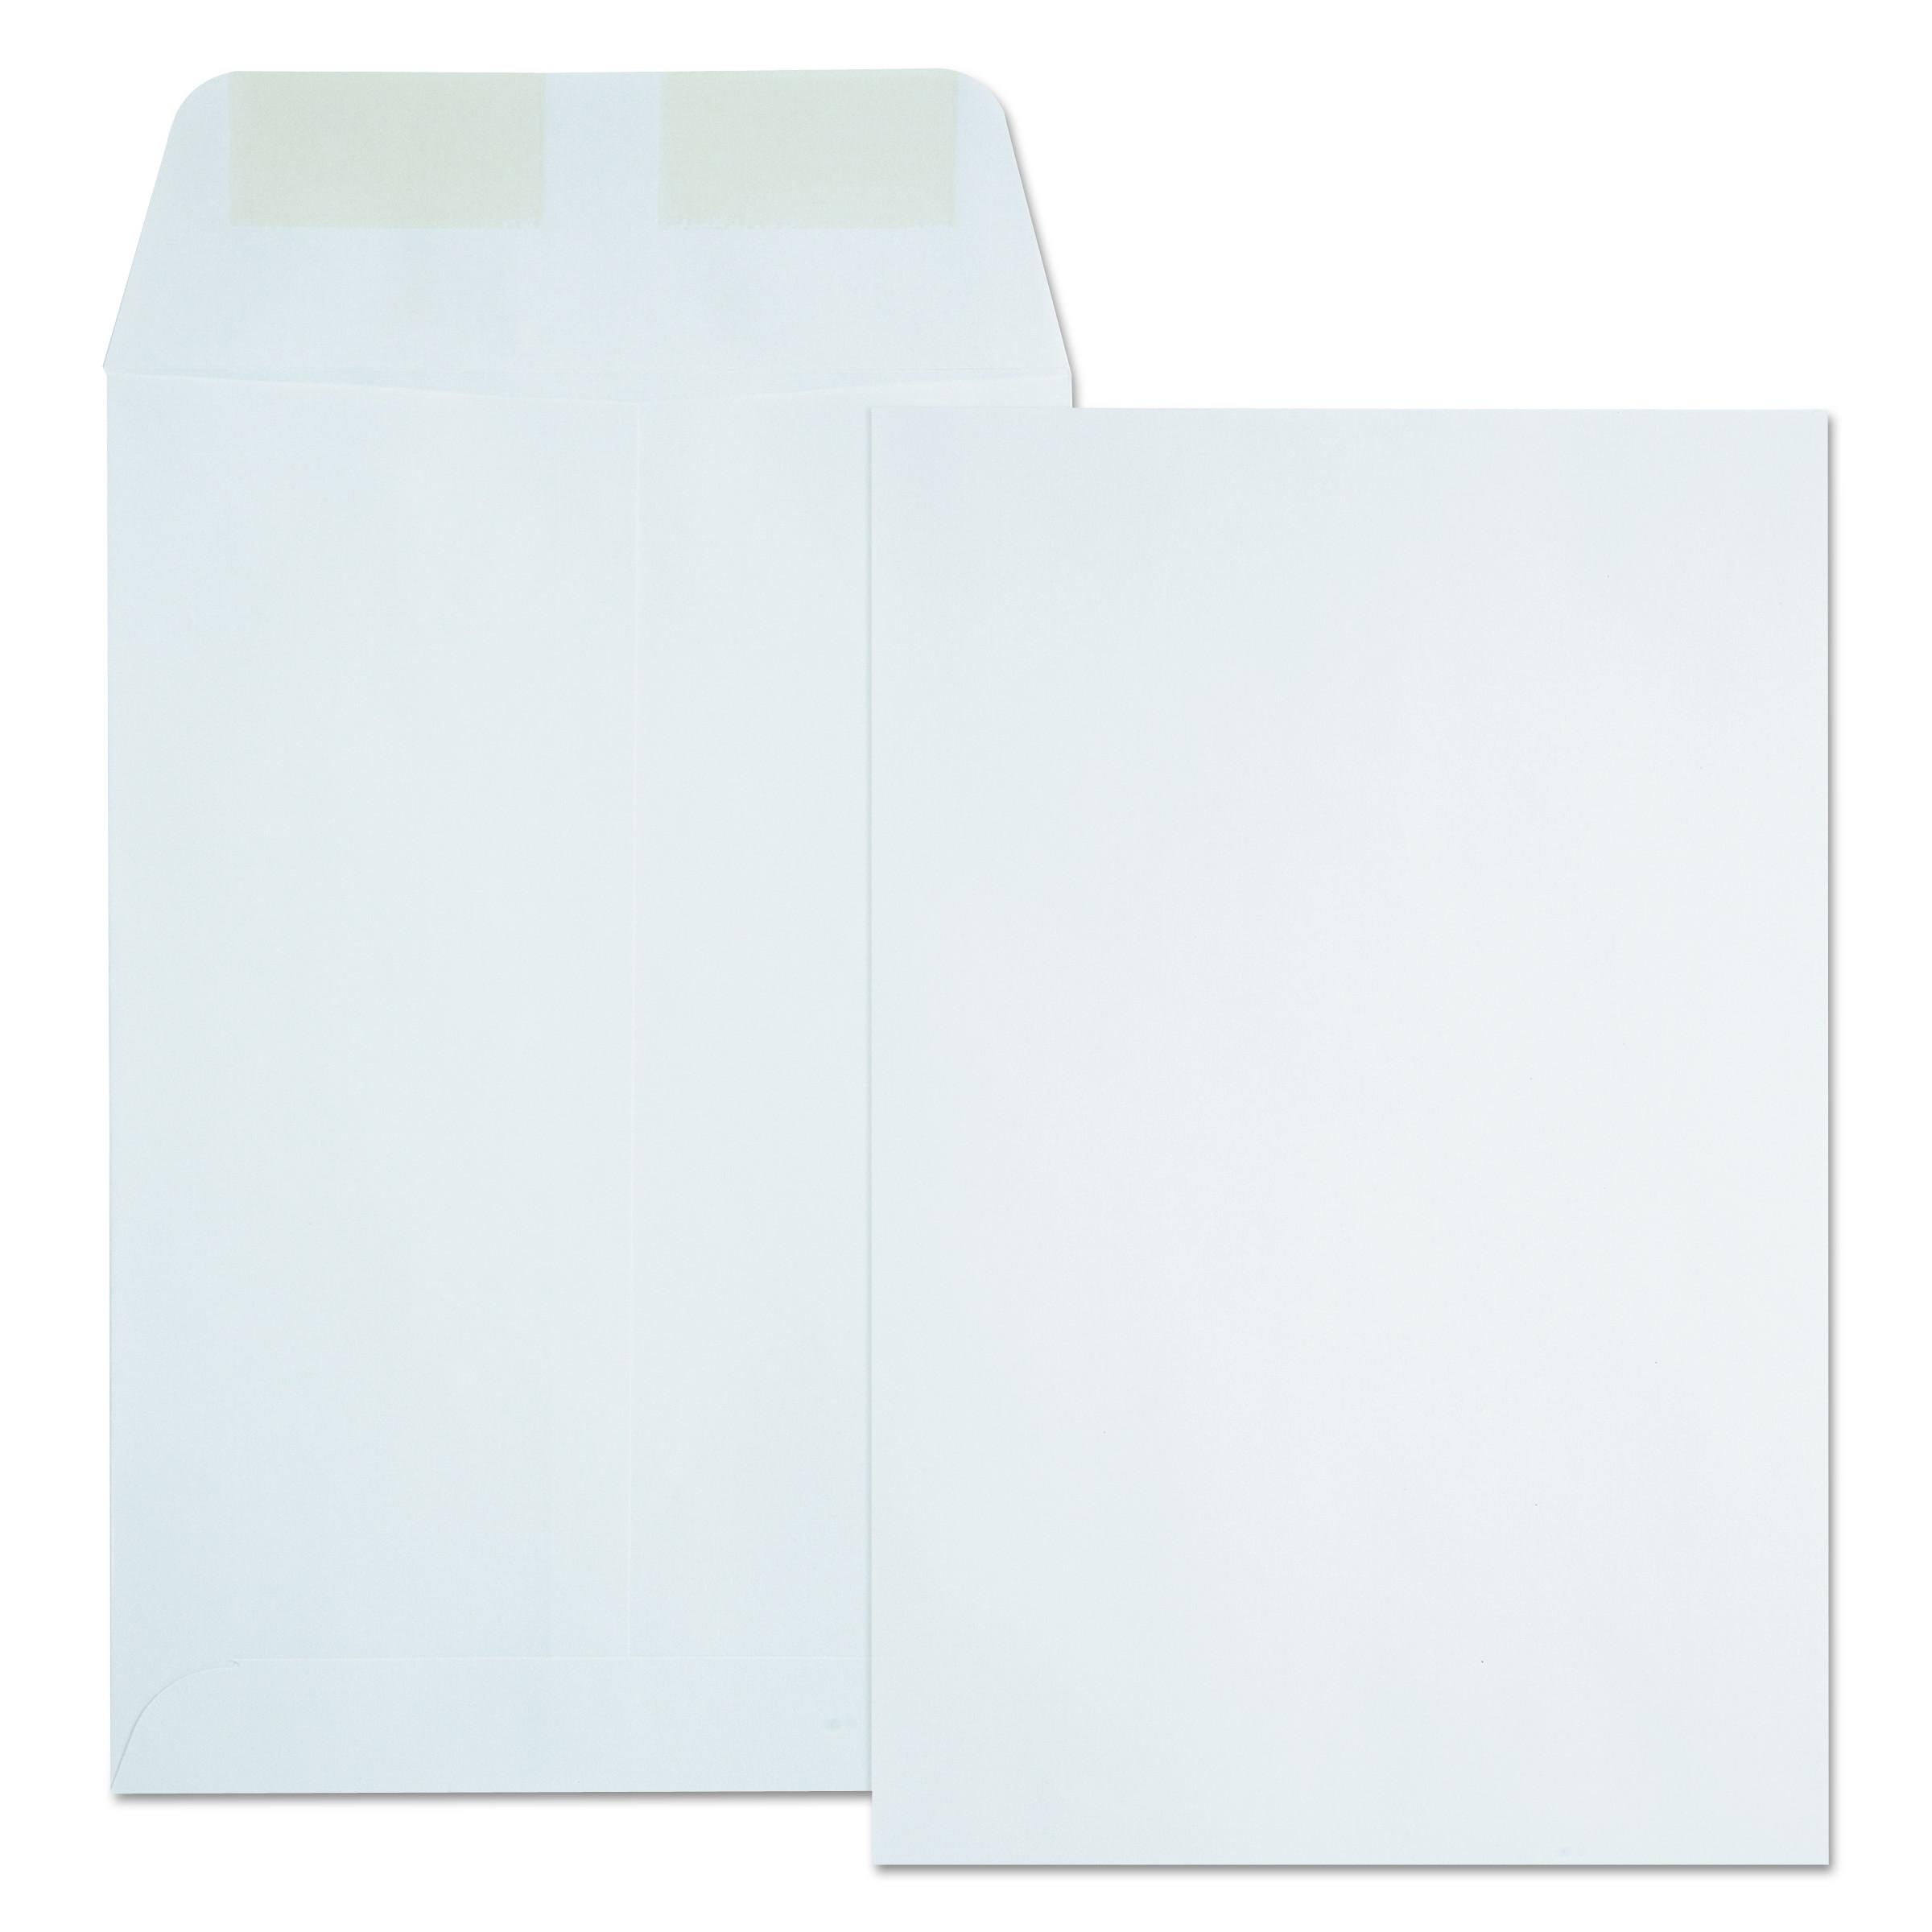 Quality Park Catalog Envelope, #55, 6 x 9, White, 500/Box -QUA40788